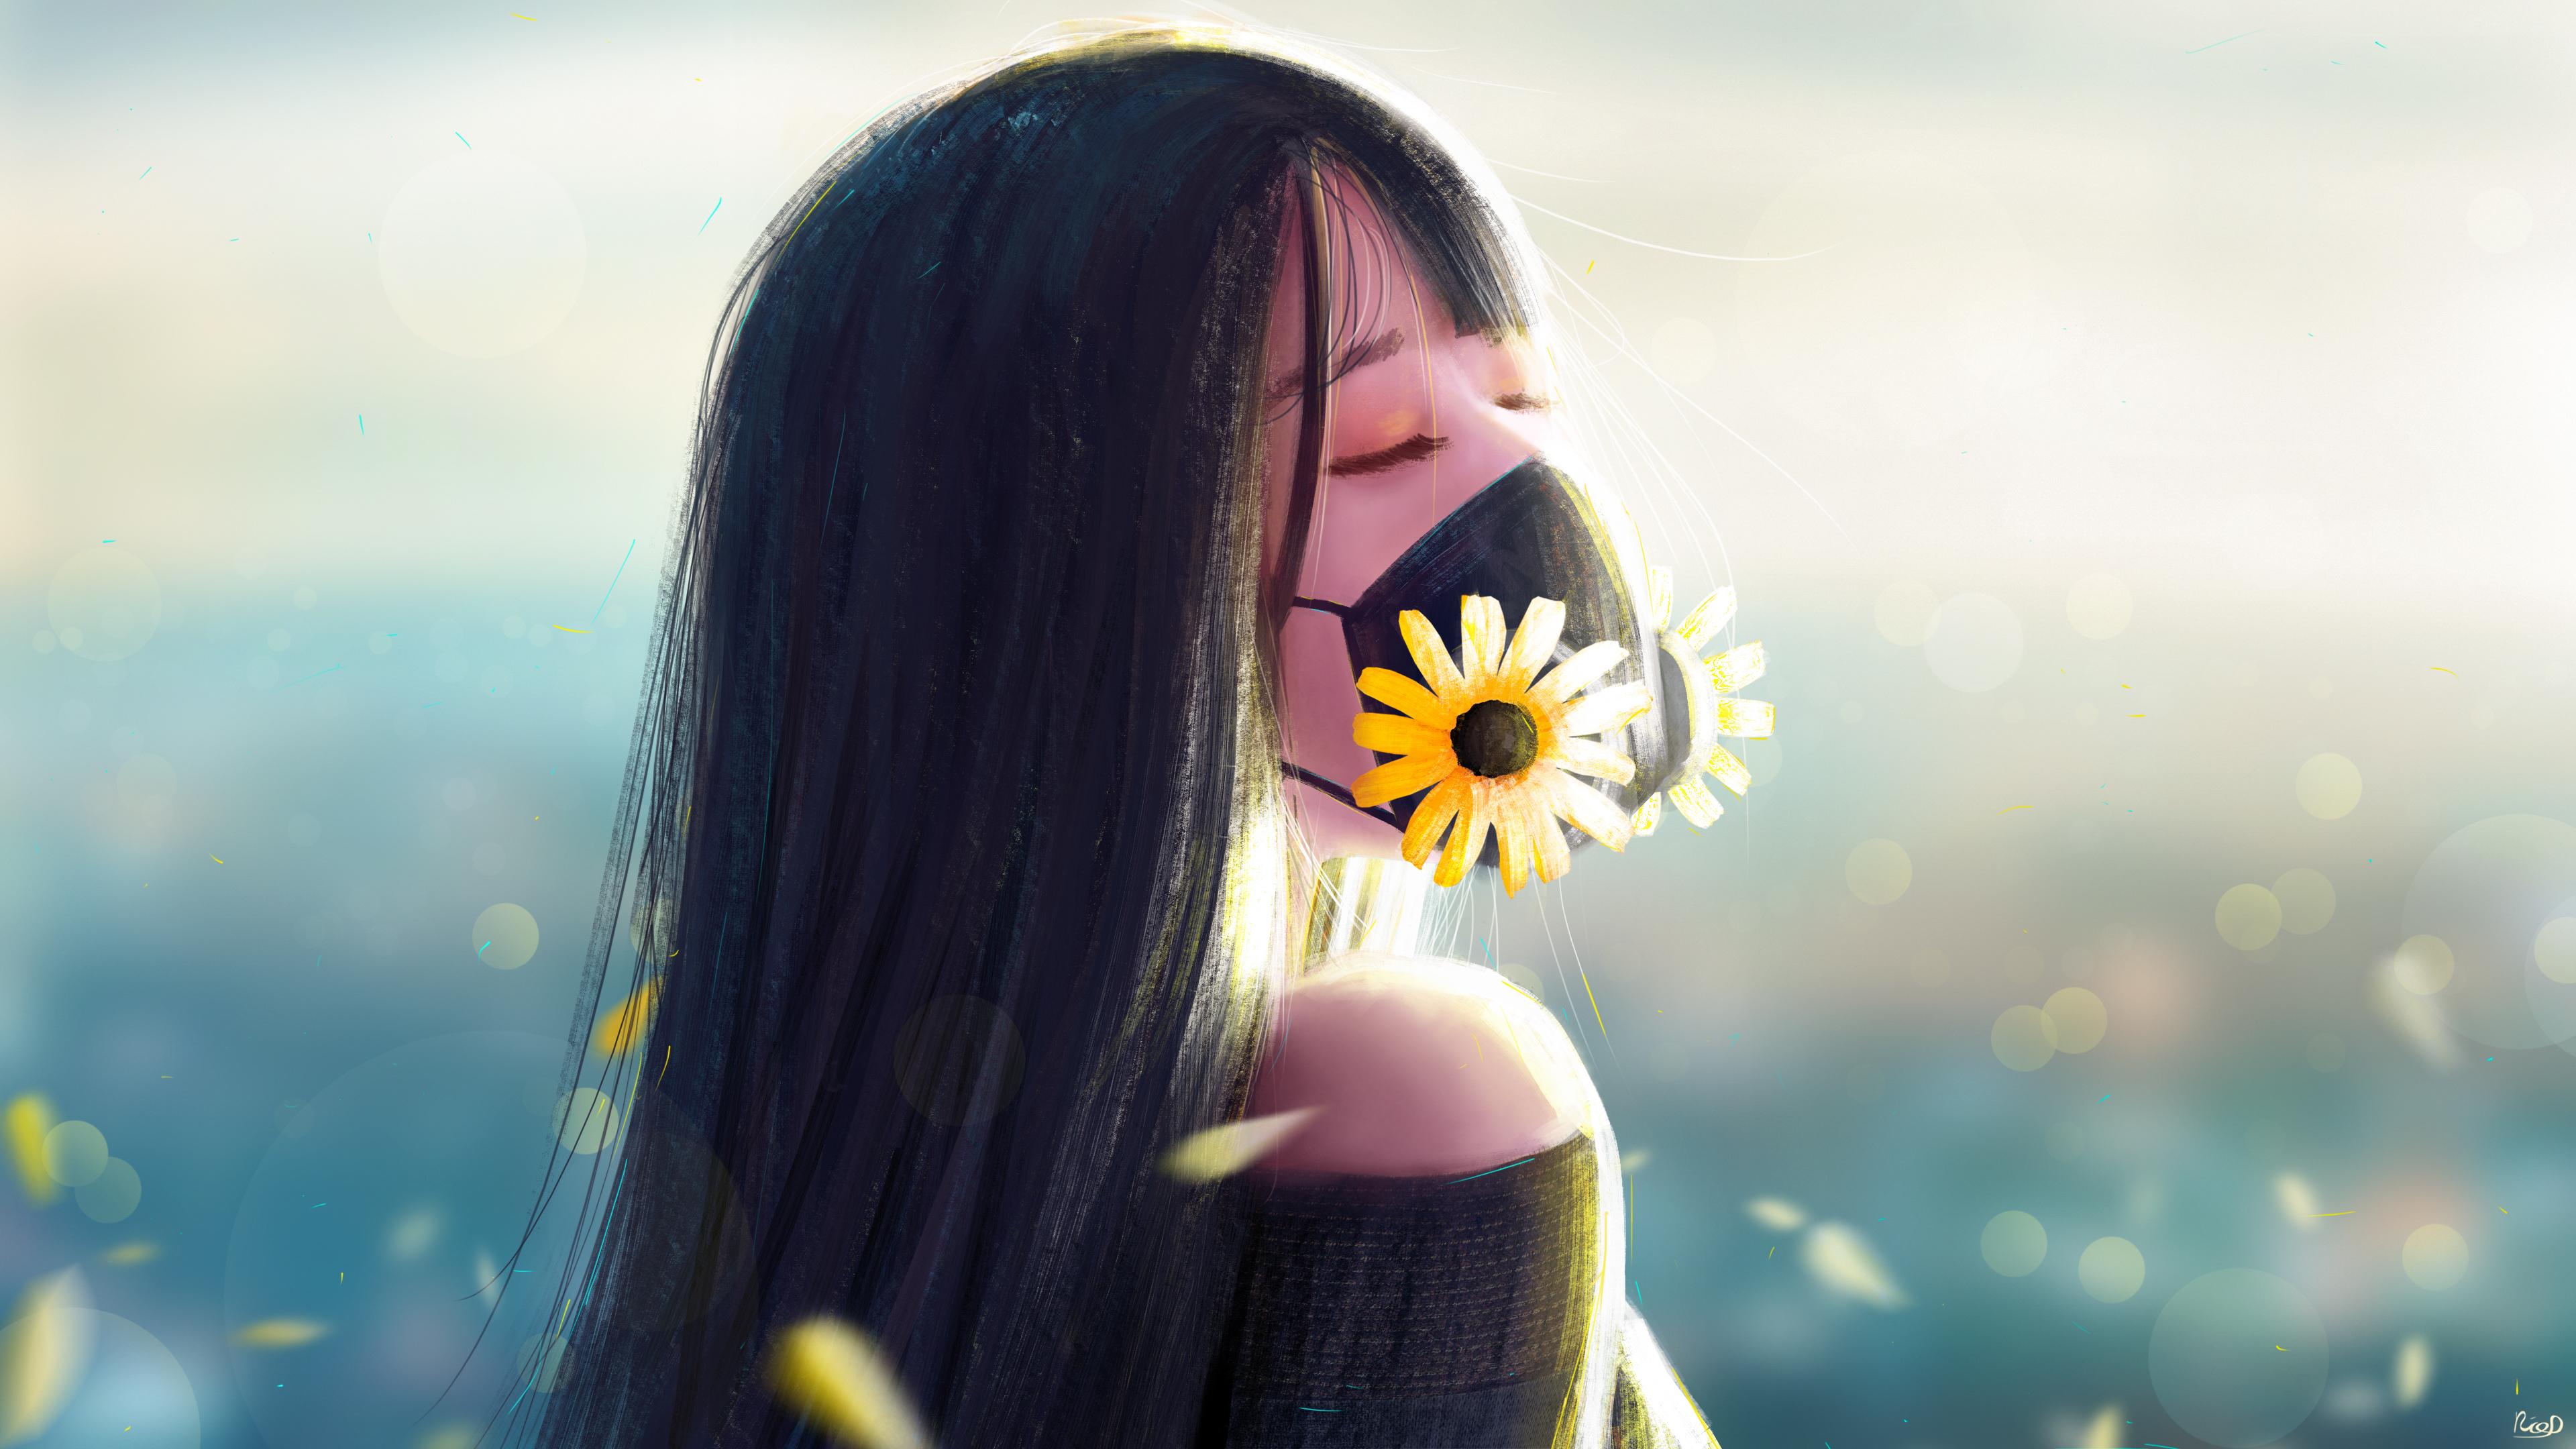 Ricodz Anime Girl Gas Mask, HD Anime, 10k Wallpapers, Images